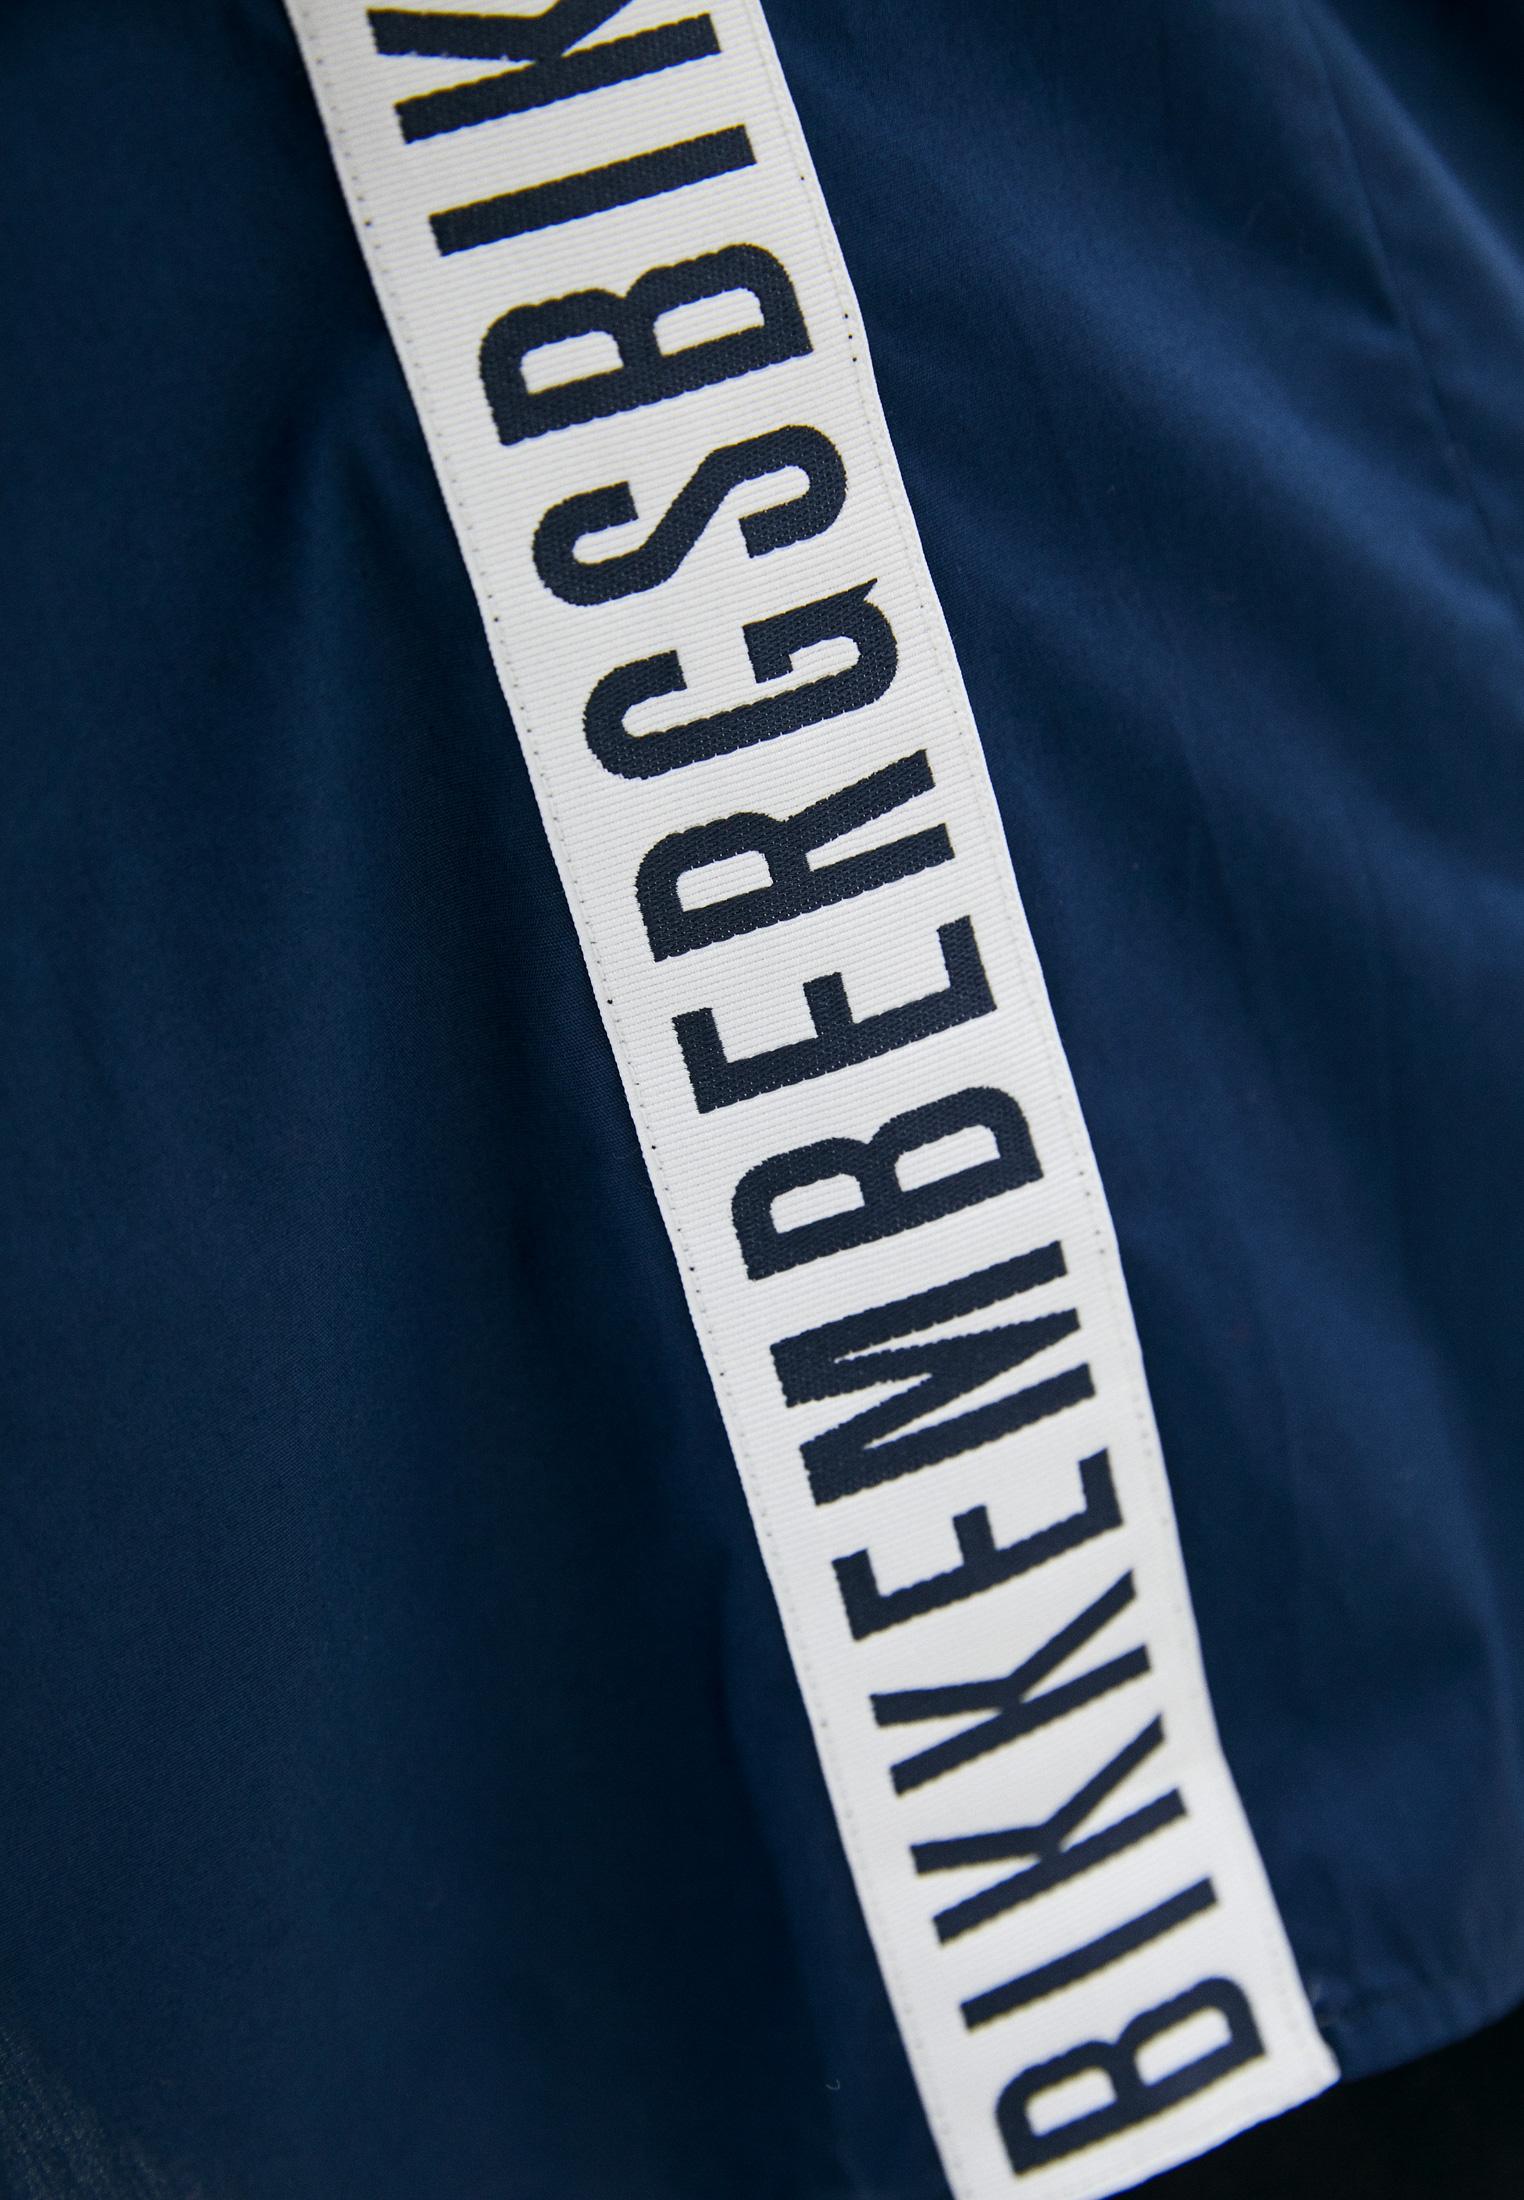 Рубашка с длинным рукавом Bikkembergs (Биккембергс) C C 055 81 S 2931: изображение 11